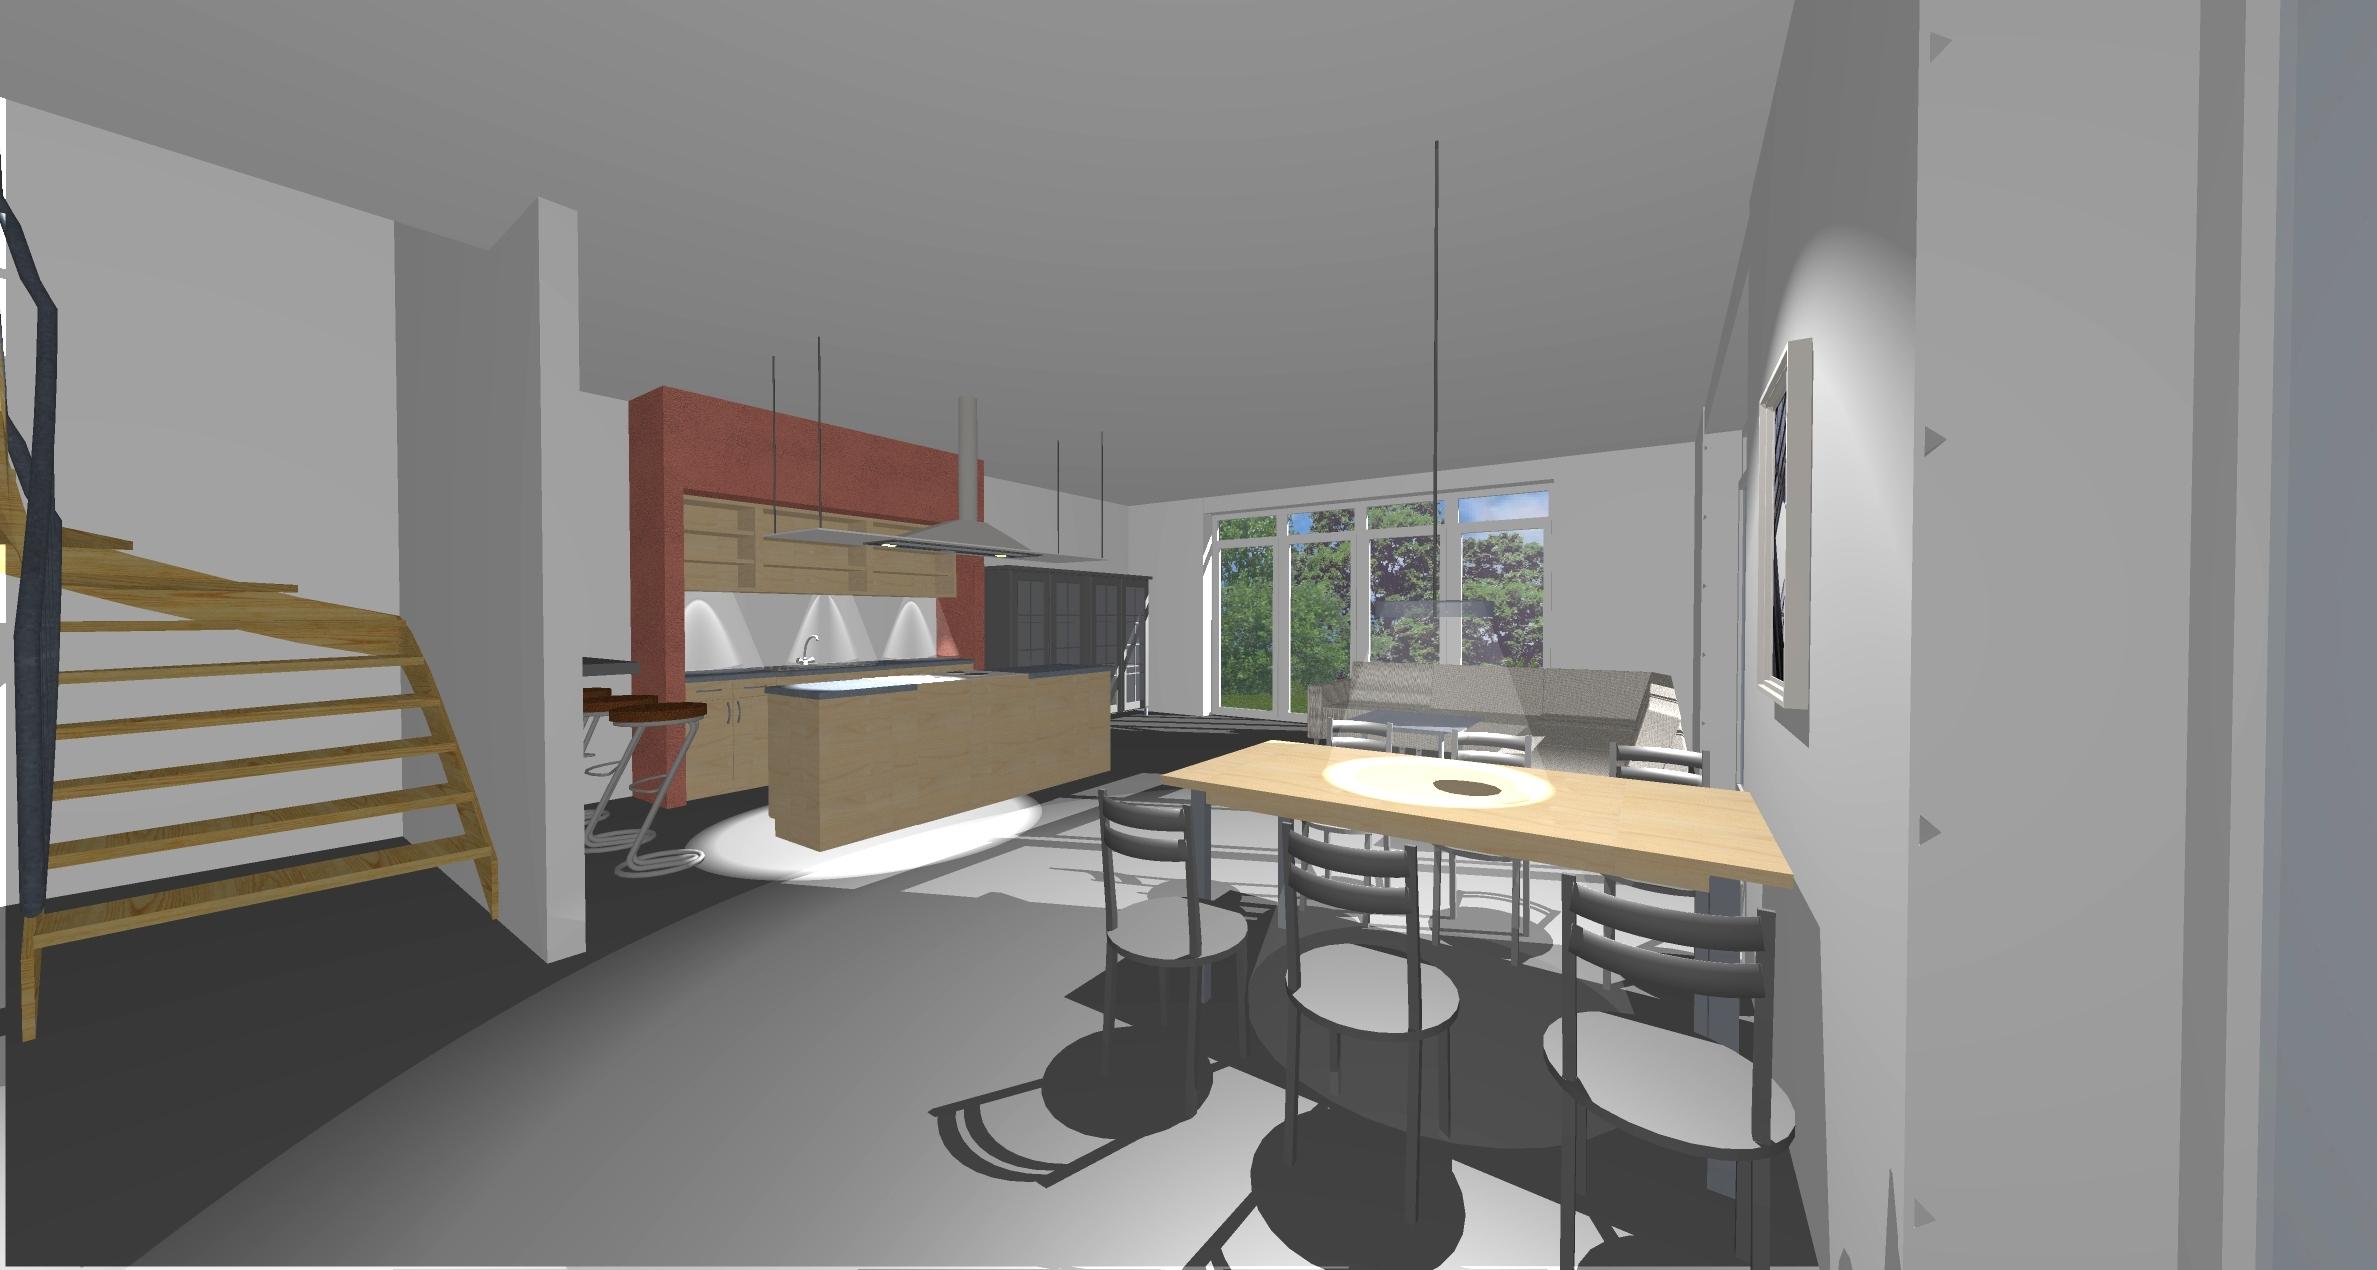 erweiterung und anbau eines wohnhauses und abbruch einer bestehenden garage